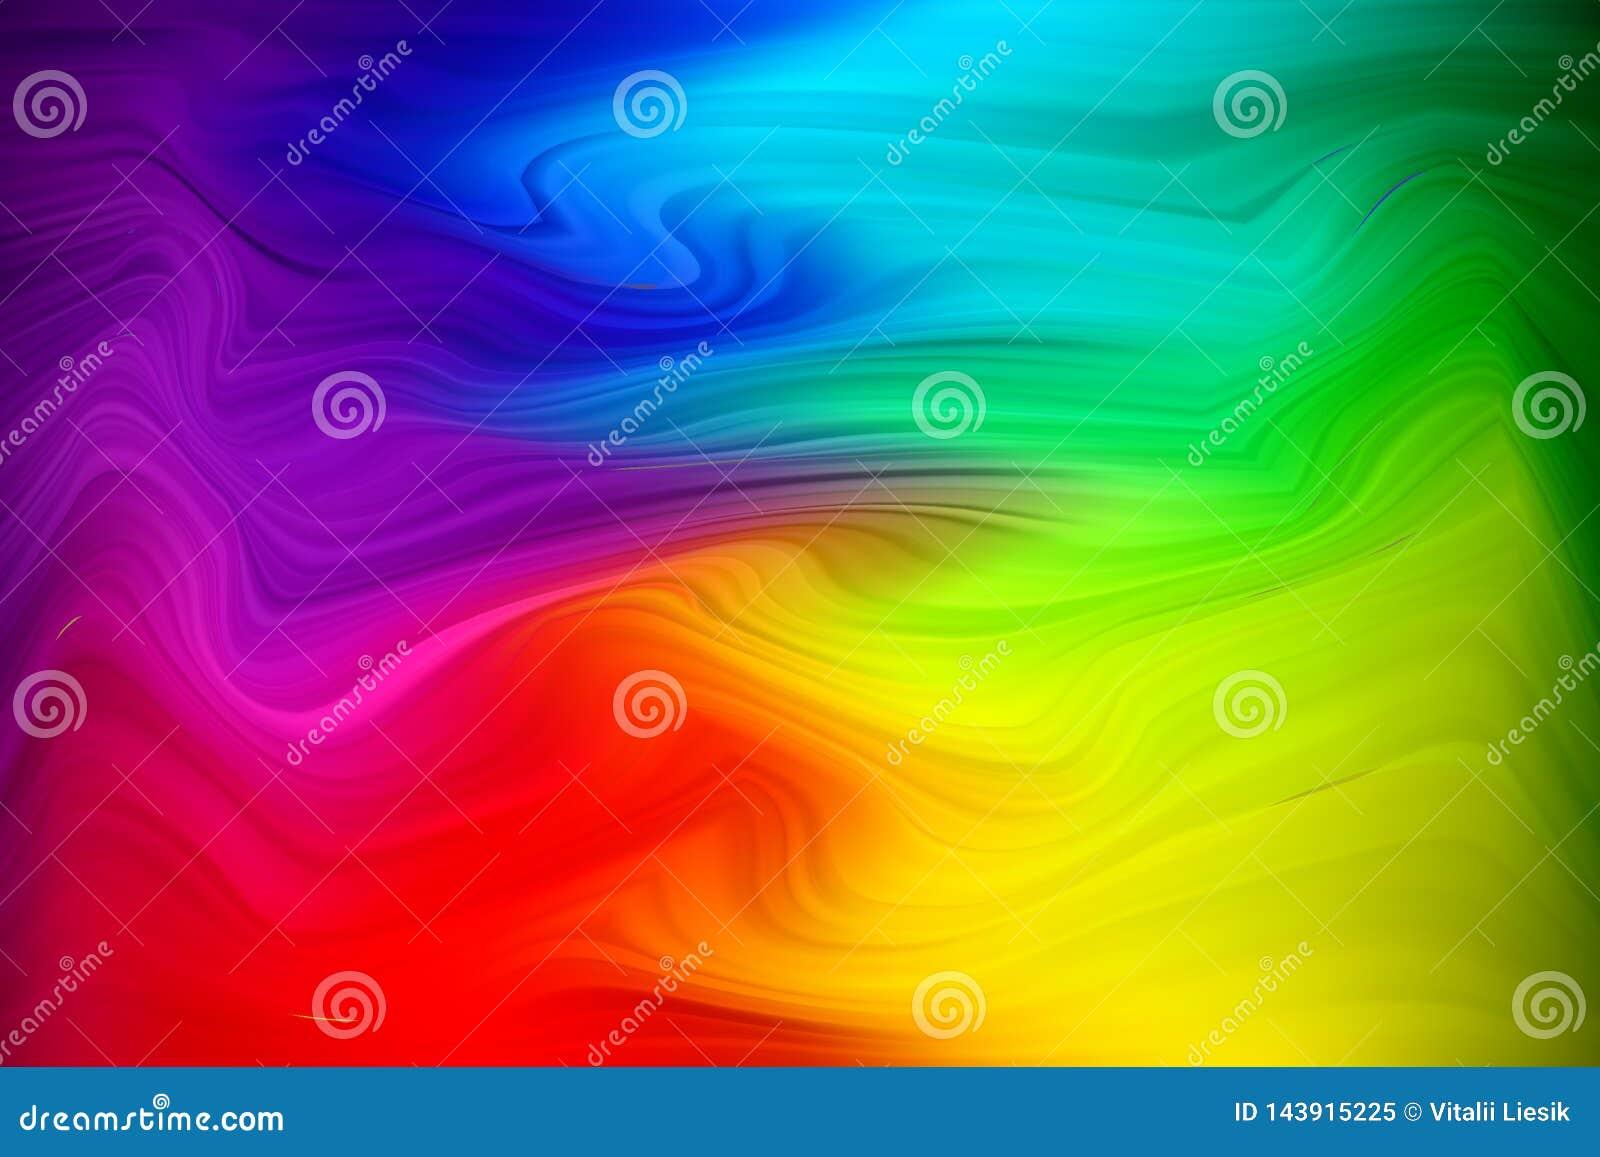 El vector deformado alinea el fondo colorido Contexto creativo abstracto moderno con las rayas variables multicoloras de la anchu